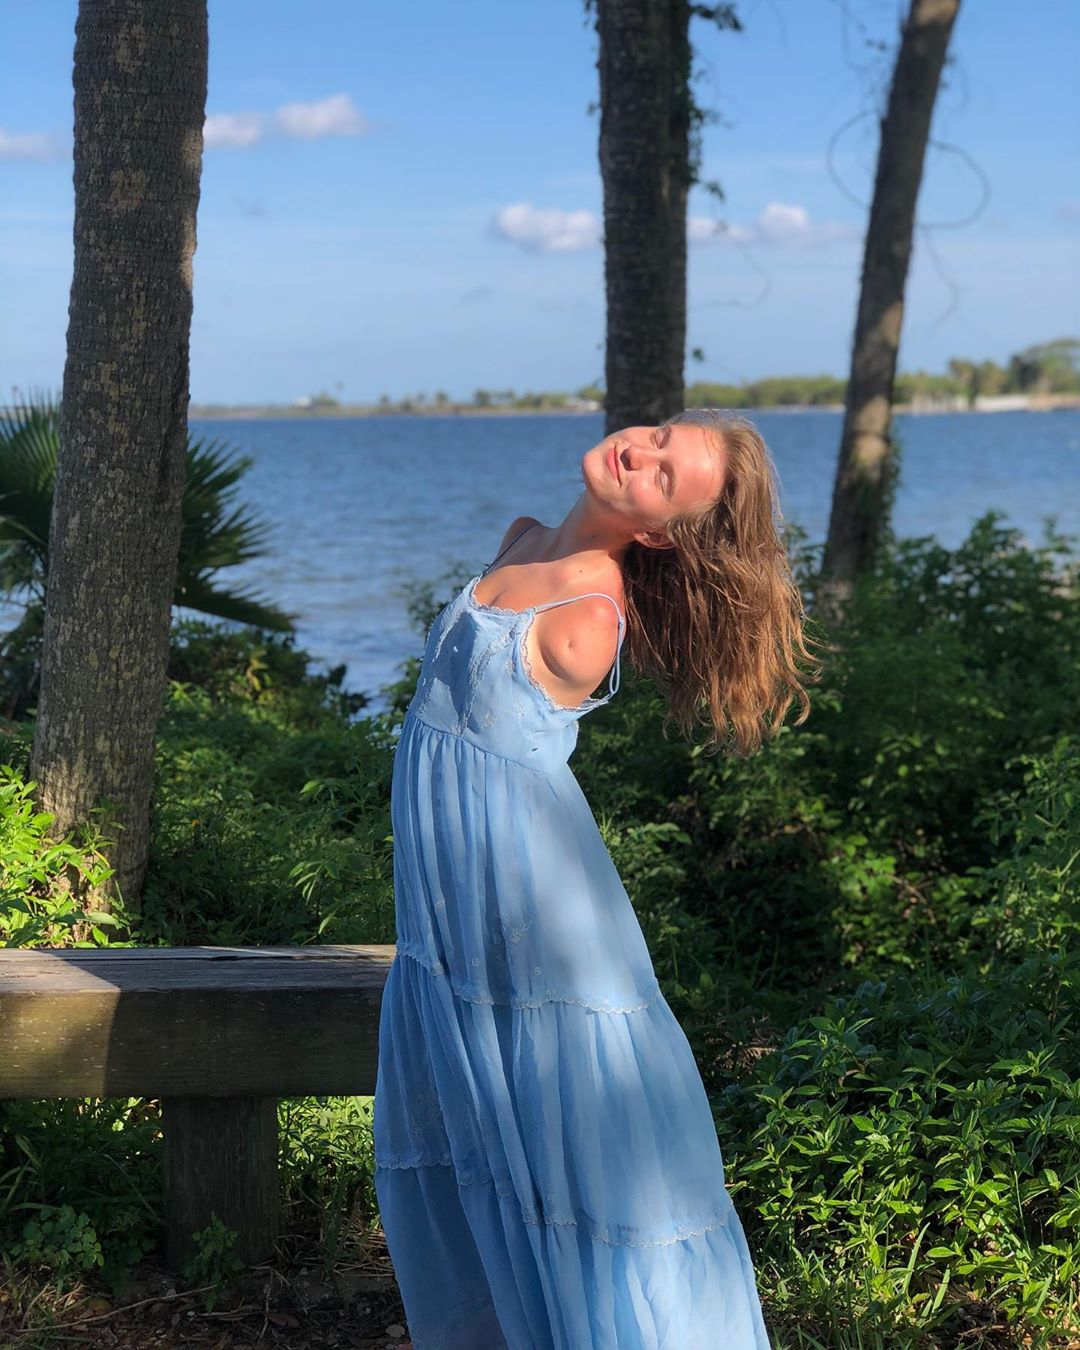 Инга Петри родилась в Новосибирске, но выросла в приемной семье в США